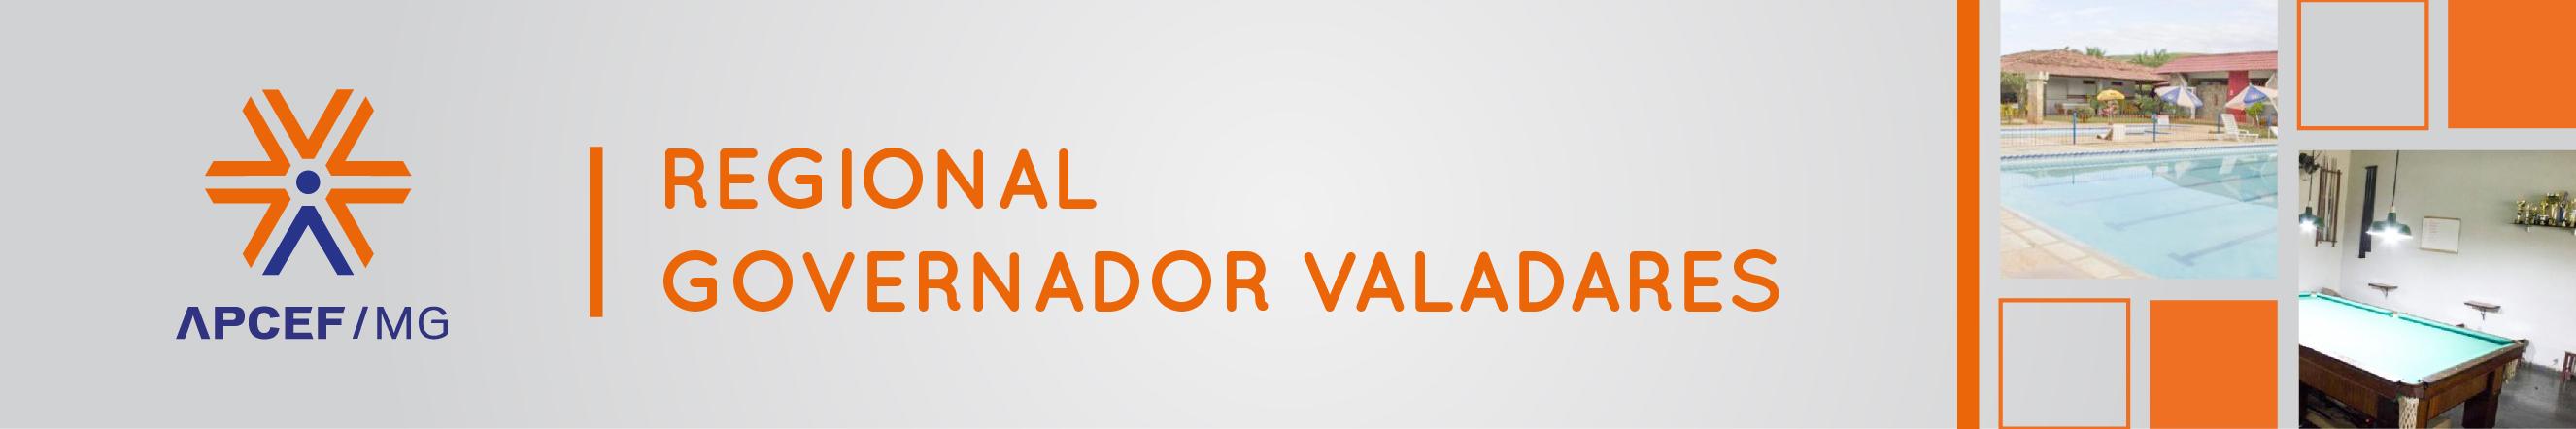 barra-superior-regional-governador-valadares